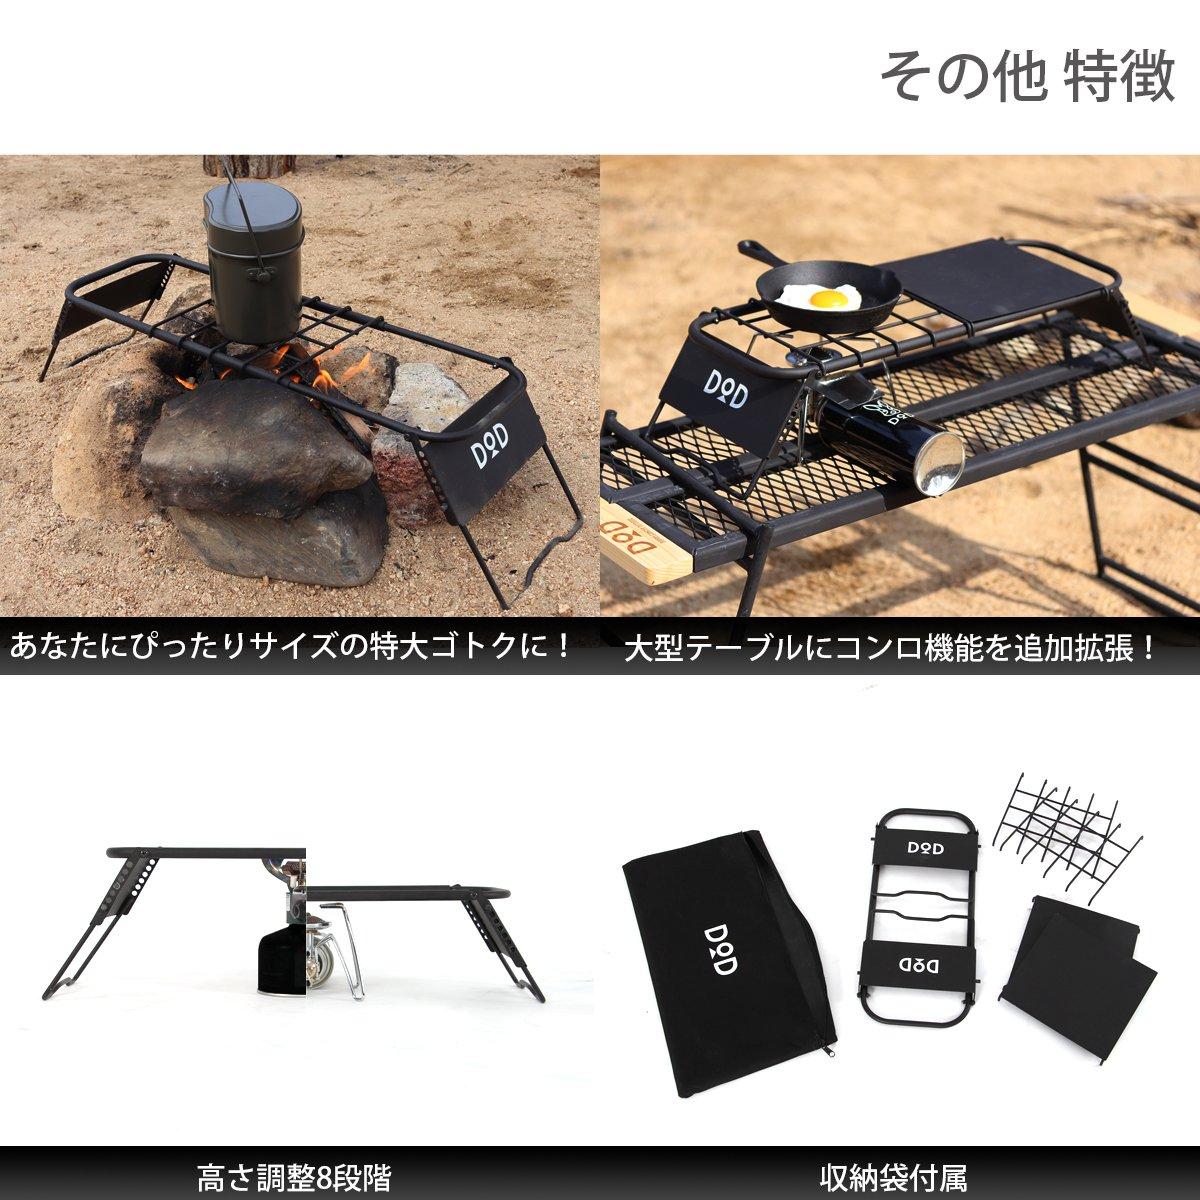 日本 DOPPELGANGER /  DOD營舞者 迷你廚房桌 / TB1-567。1色。(6800*3.3)日本必買代購 / 日本樂天。件件免運 6